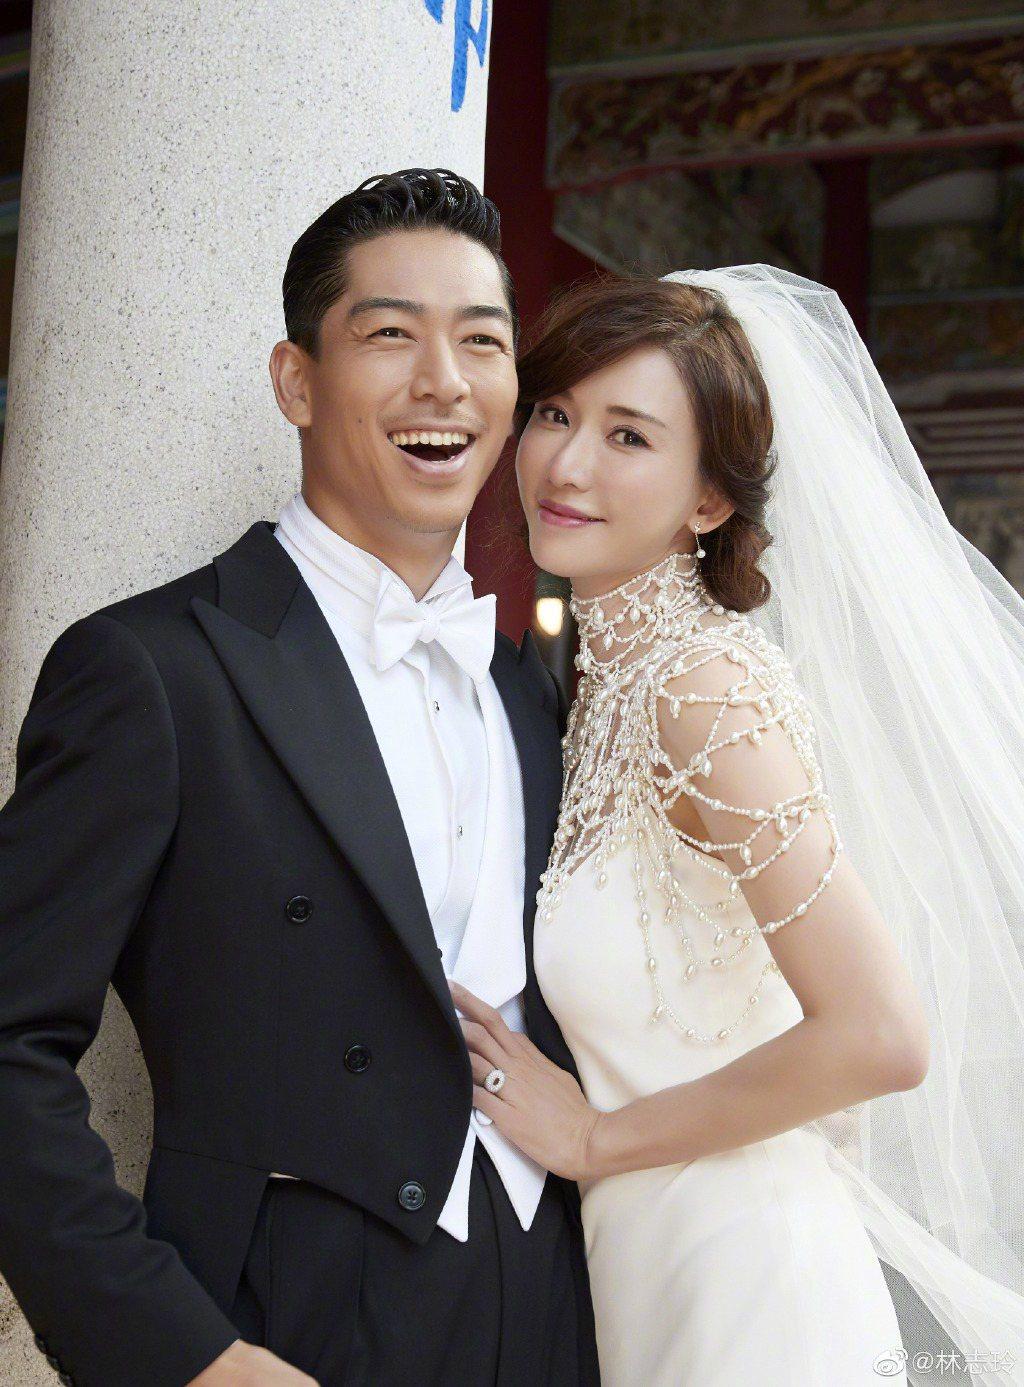 林志玲與新婚丈夫Akira的幸福合照。圖/摘自微博